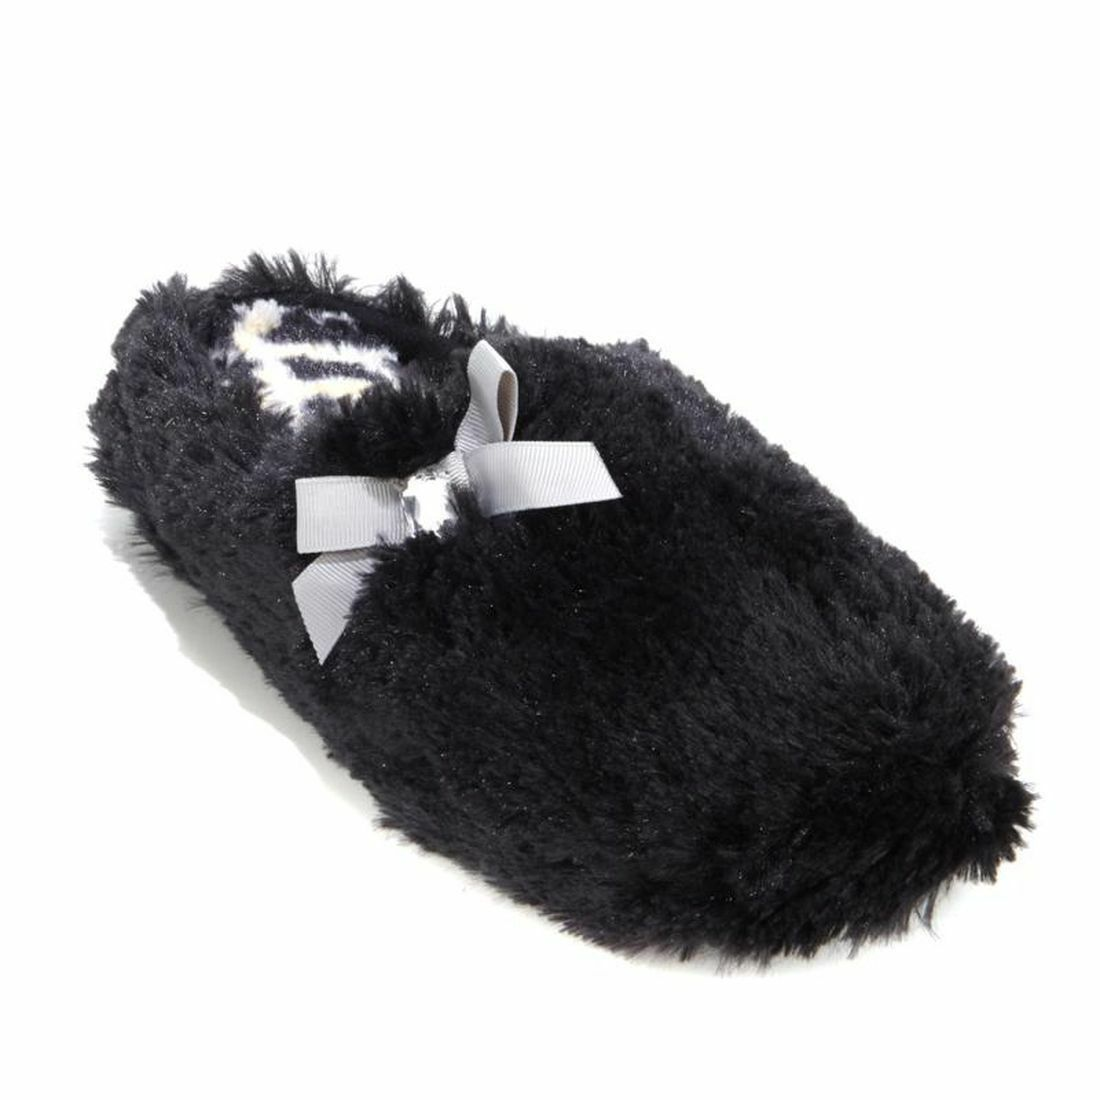 Foot Petals Pile Clog Slipper , Size 7-8 , Black